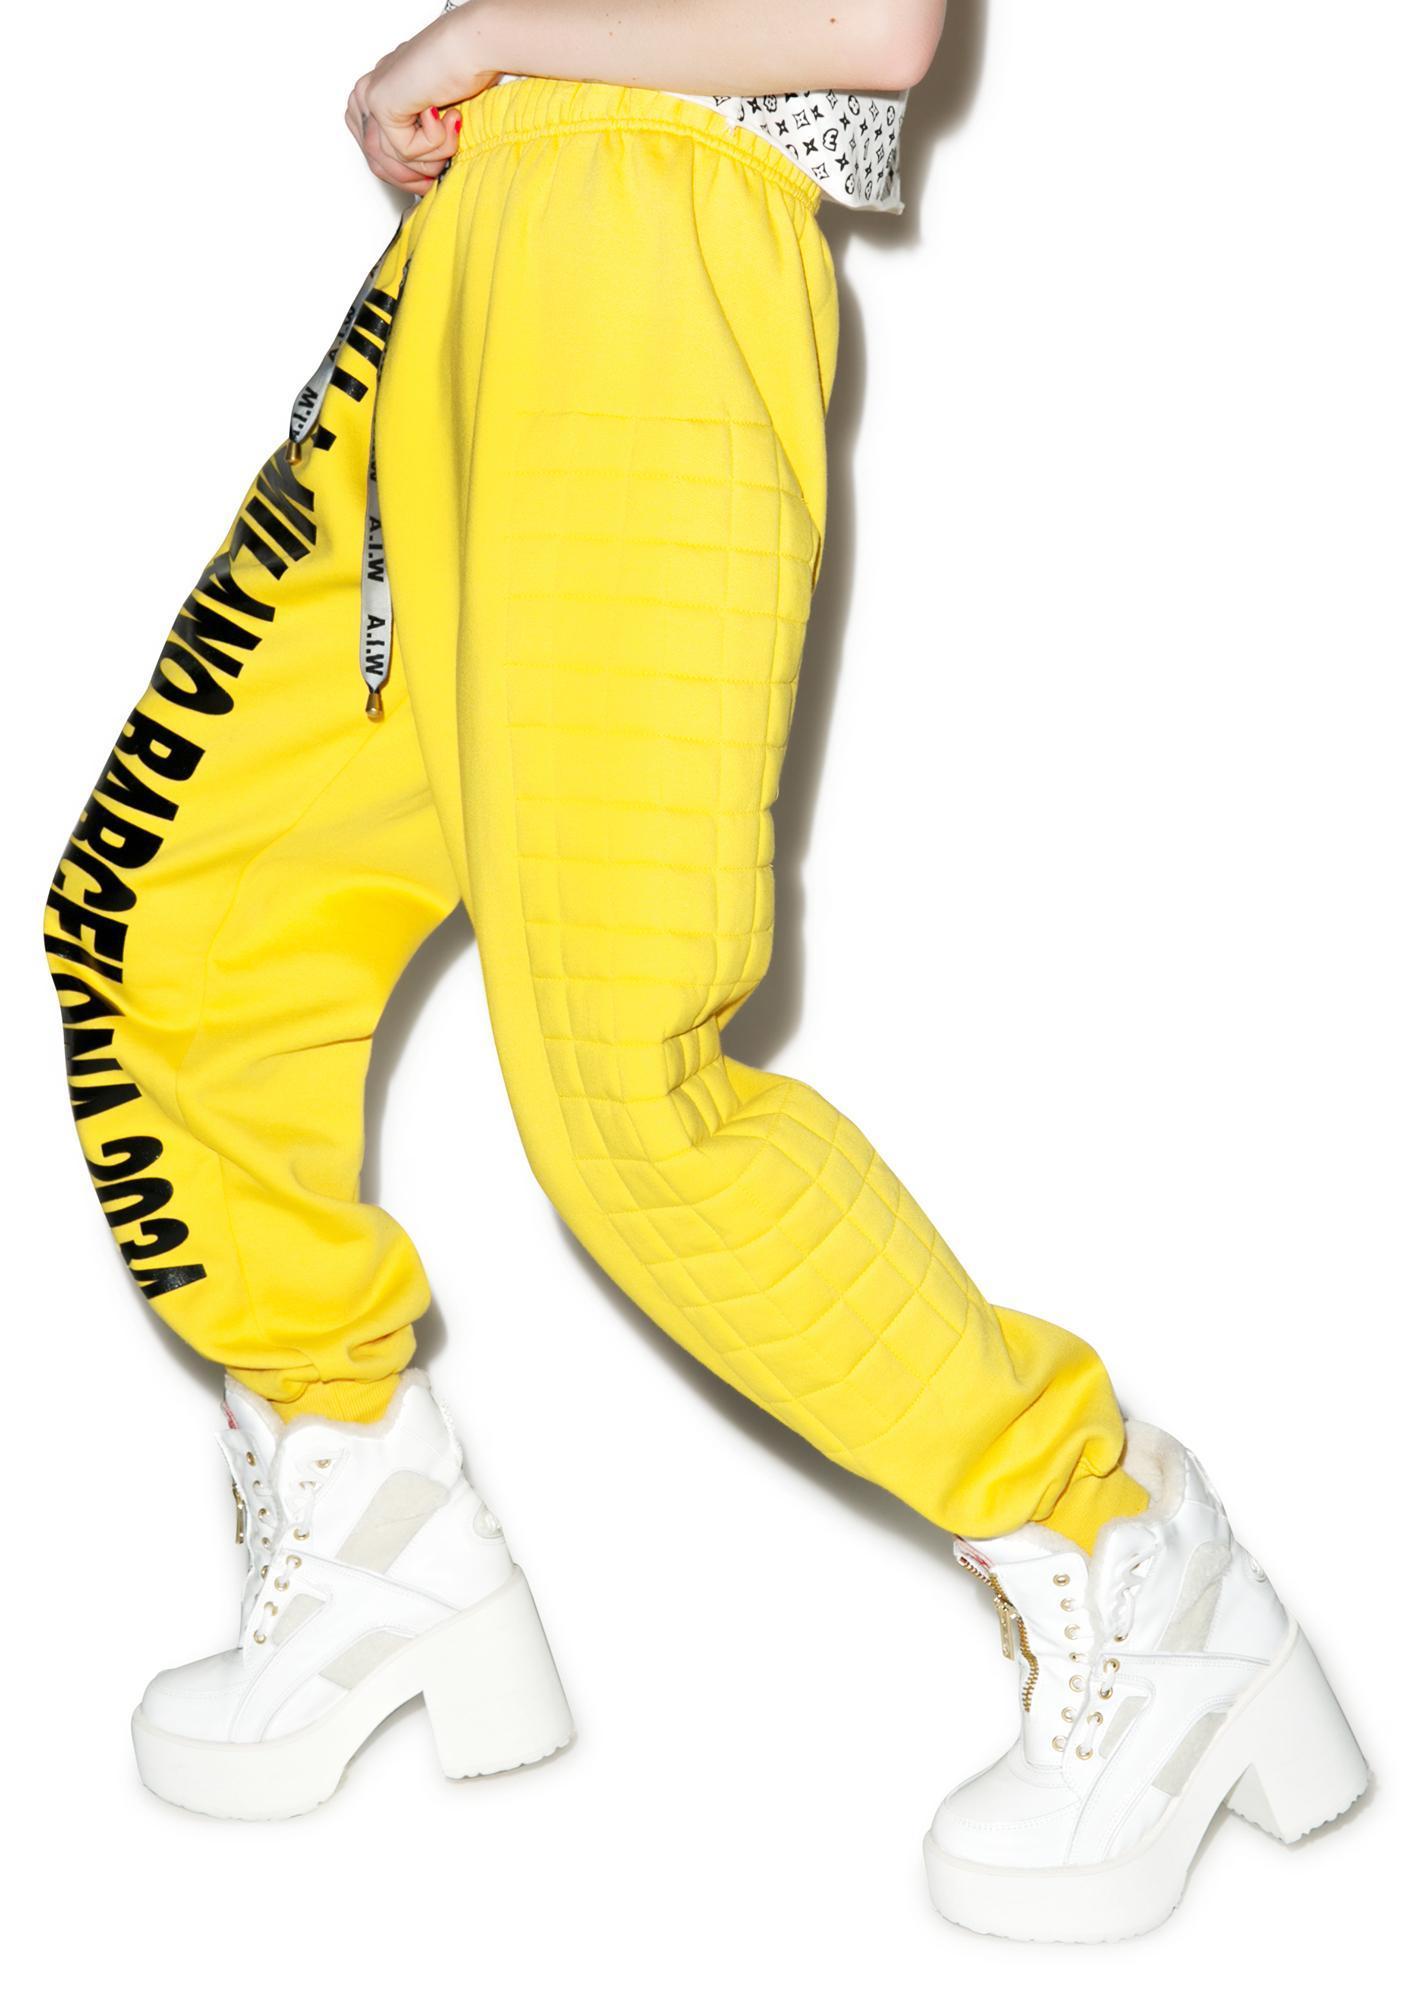 W.I.A Padding Sweatpants